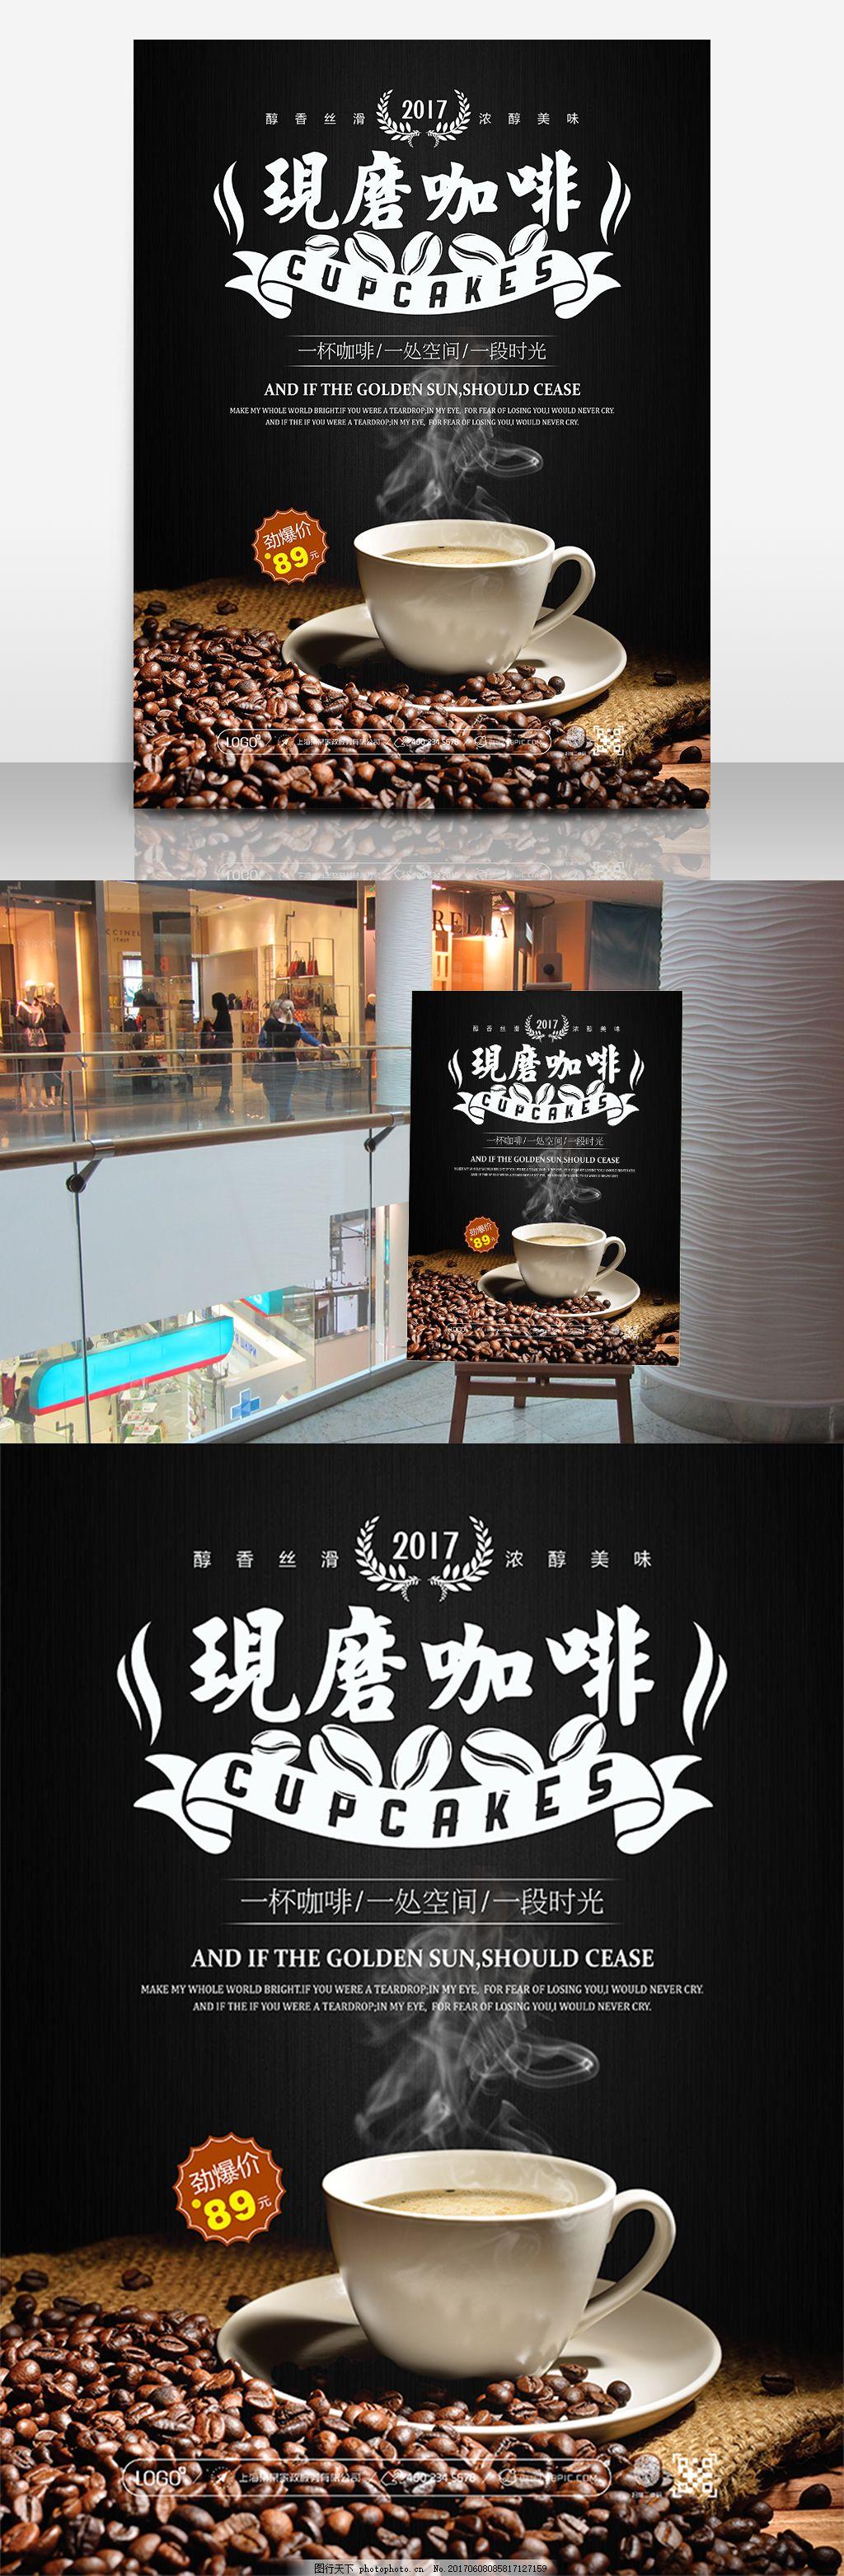 咖啡馆现磨咖啡宣传促销海报